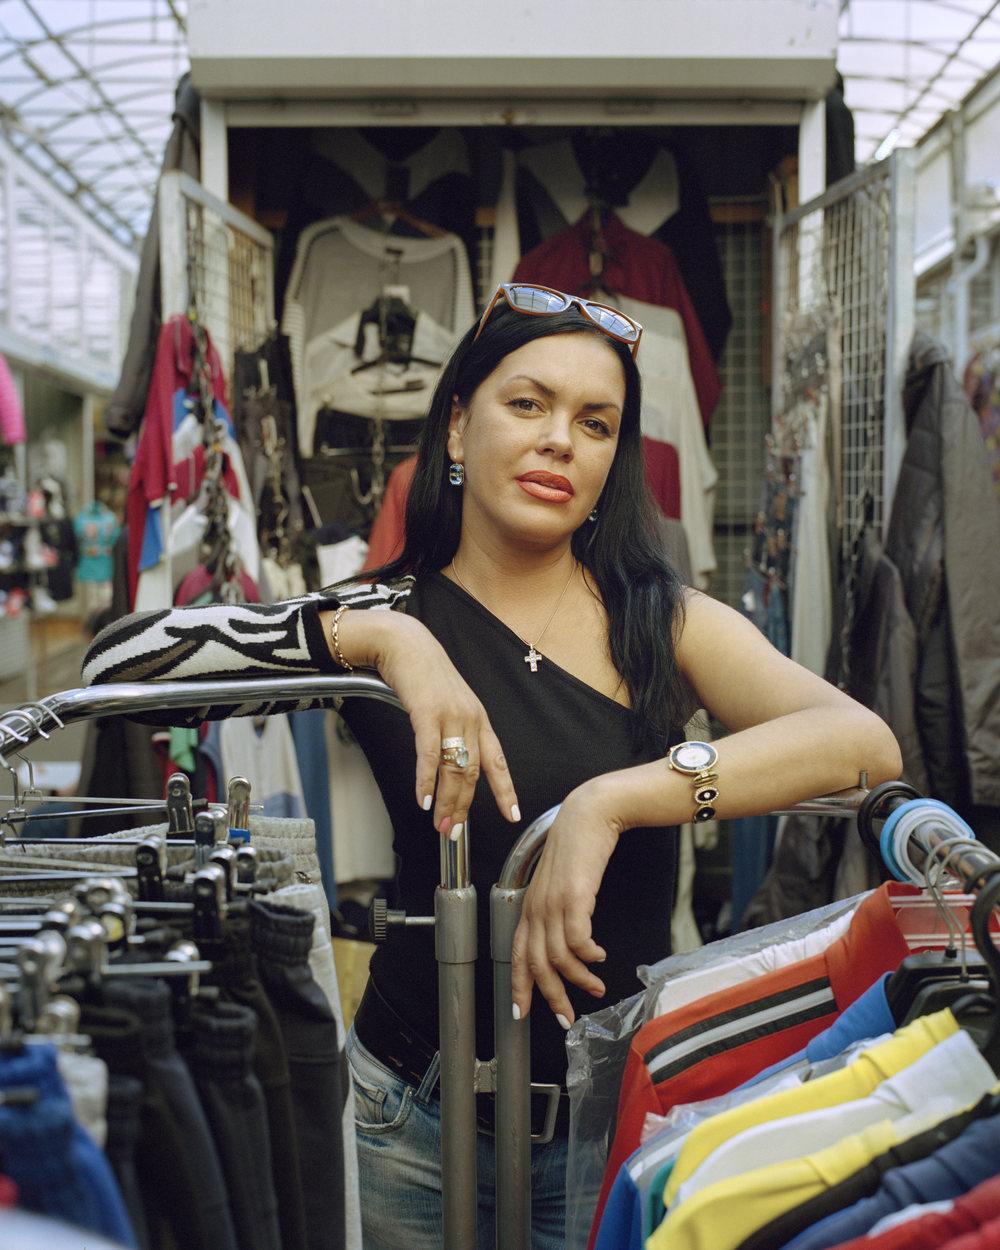 Natalija Sakovic, city market, Kaliningrad